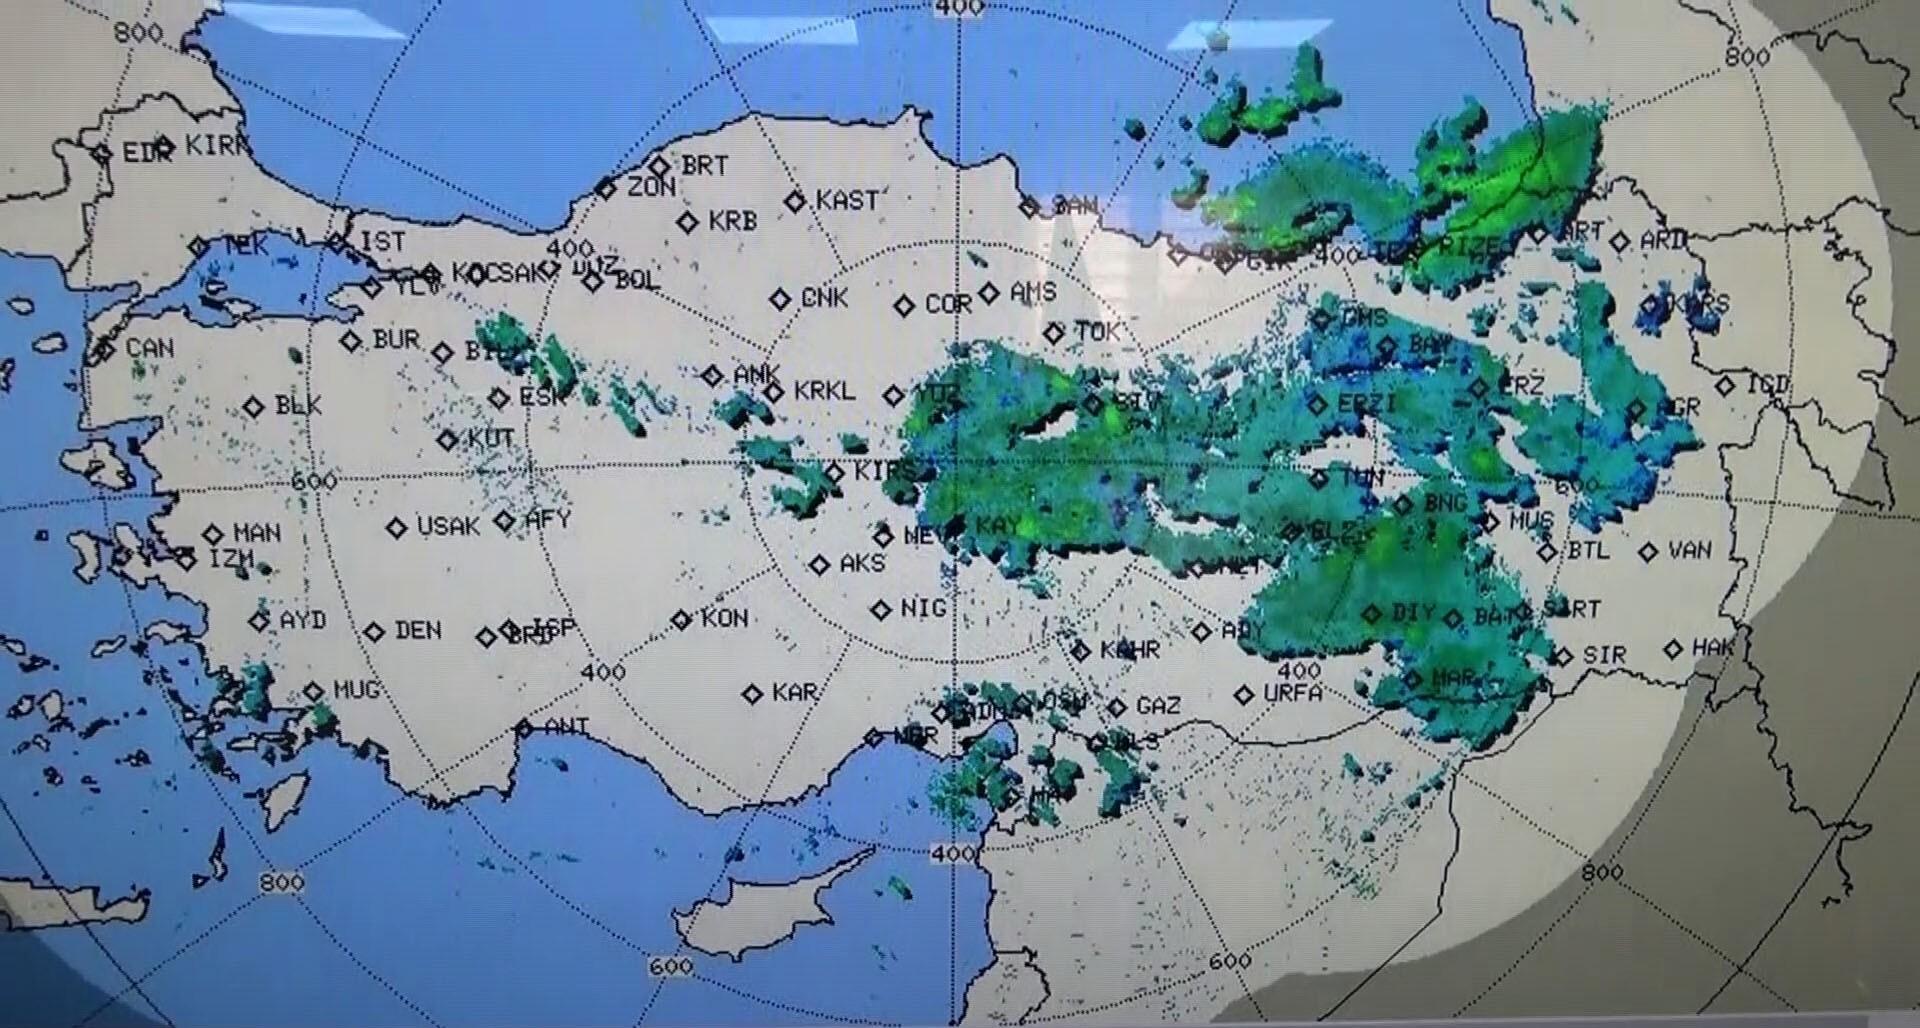 Son dakika haberleri: Meteoroloji'den İstanbul için kritik kar yağışı uyarısı!